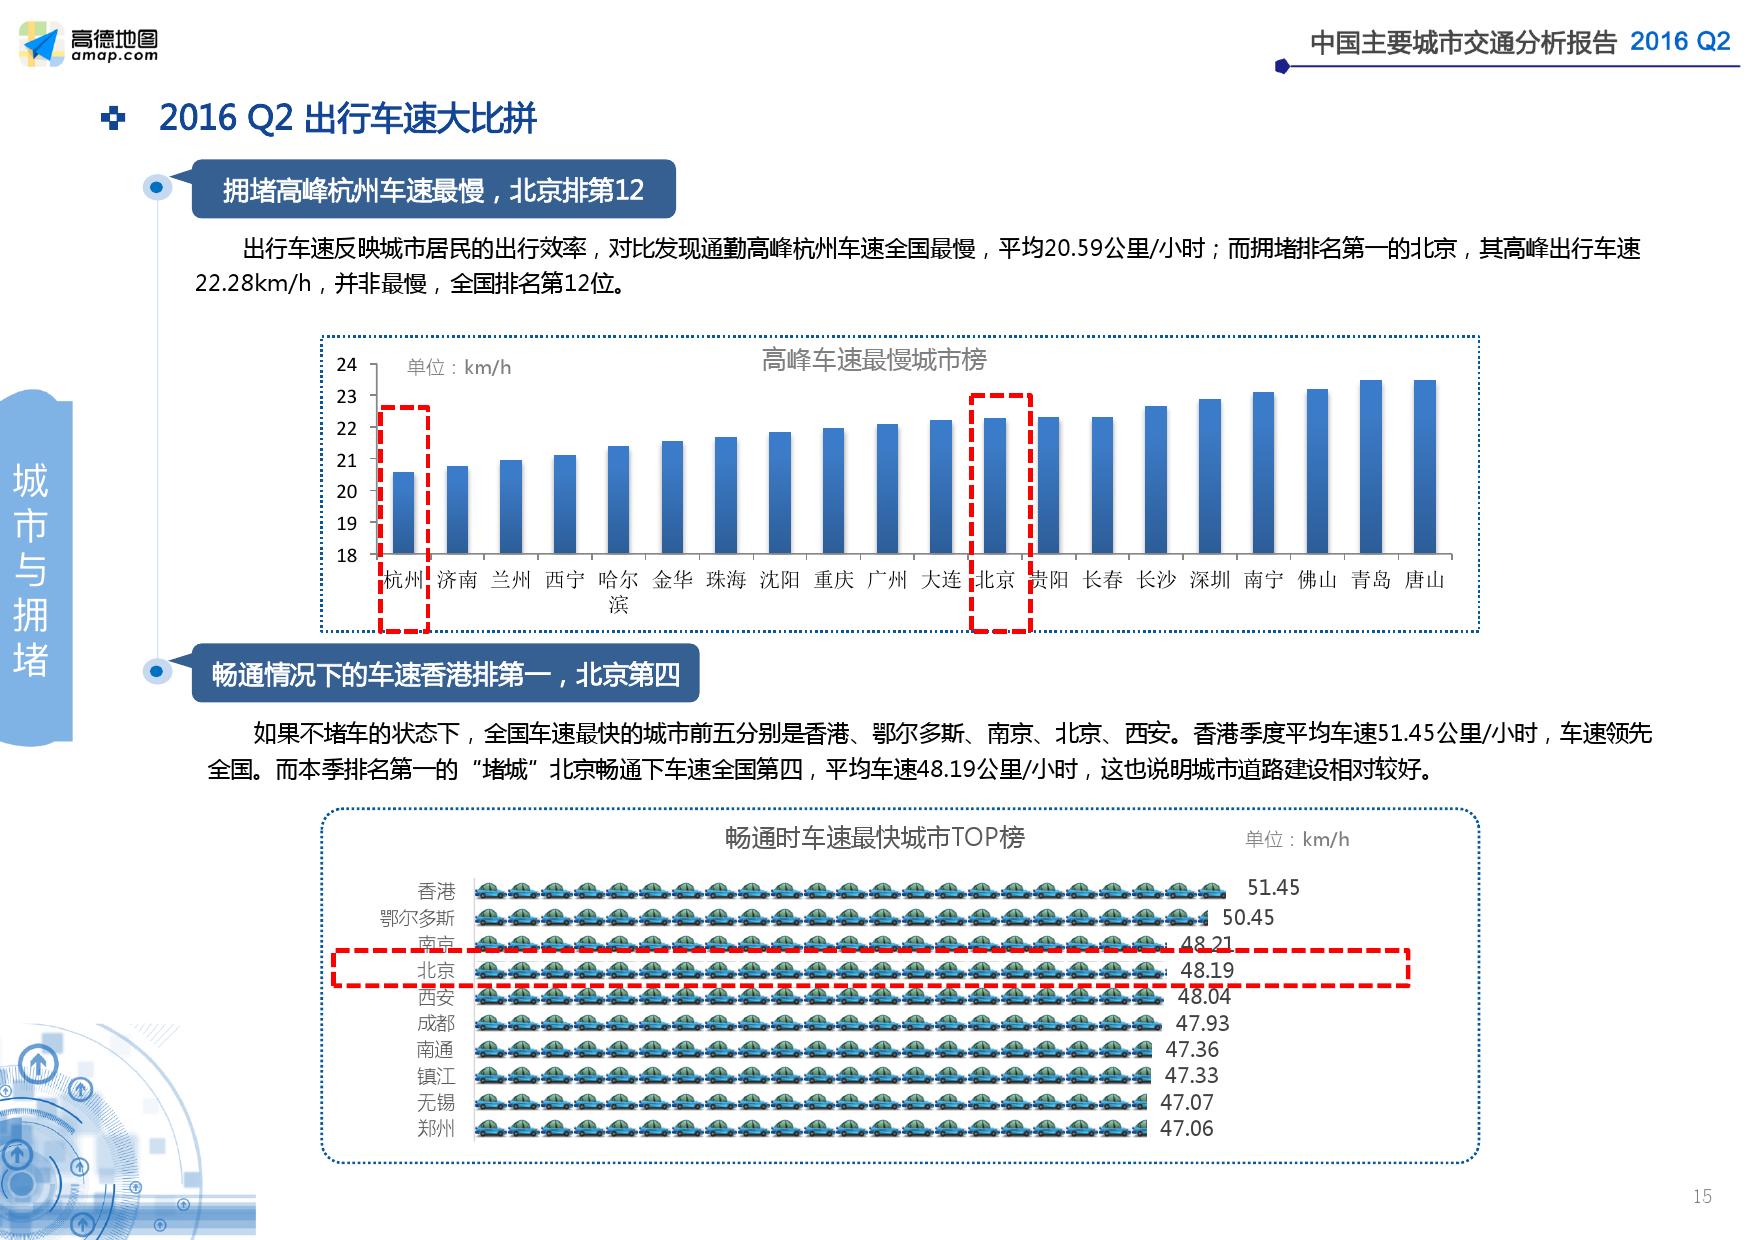 2016年Q2中国主要城市交通分析报告_000015